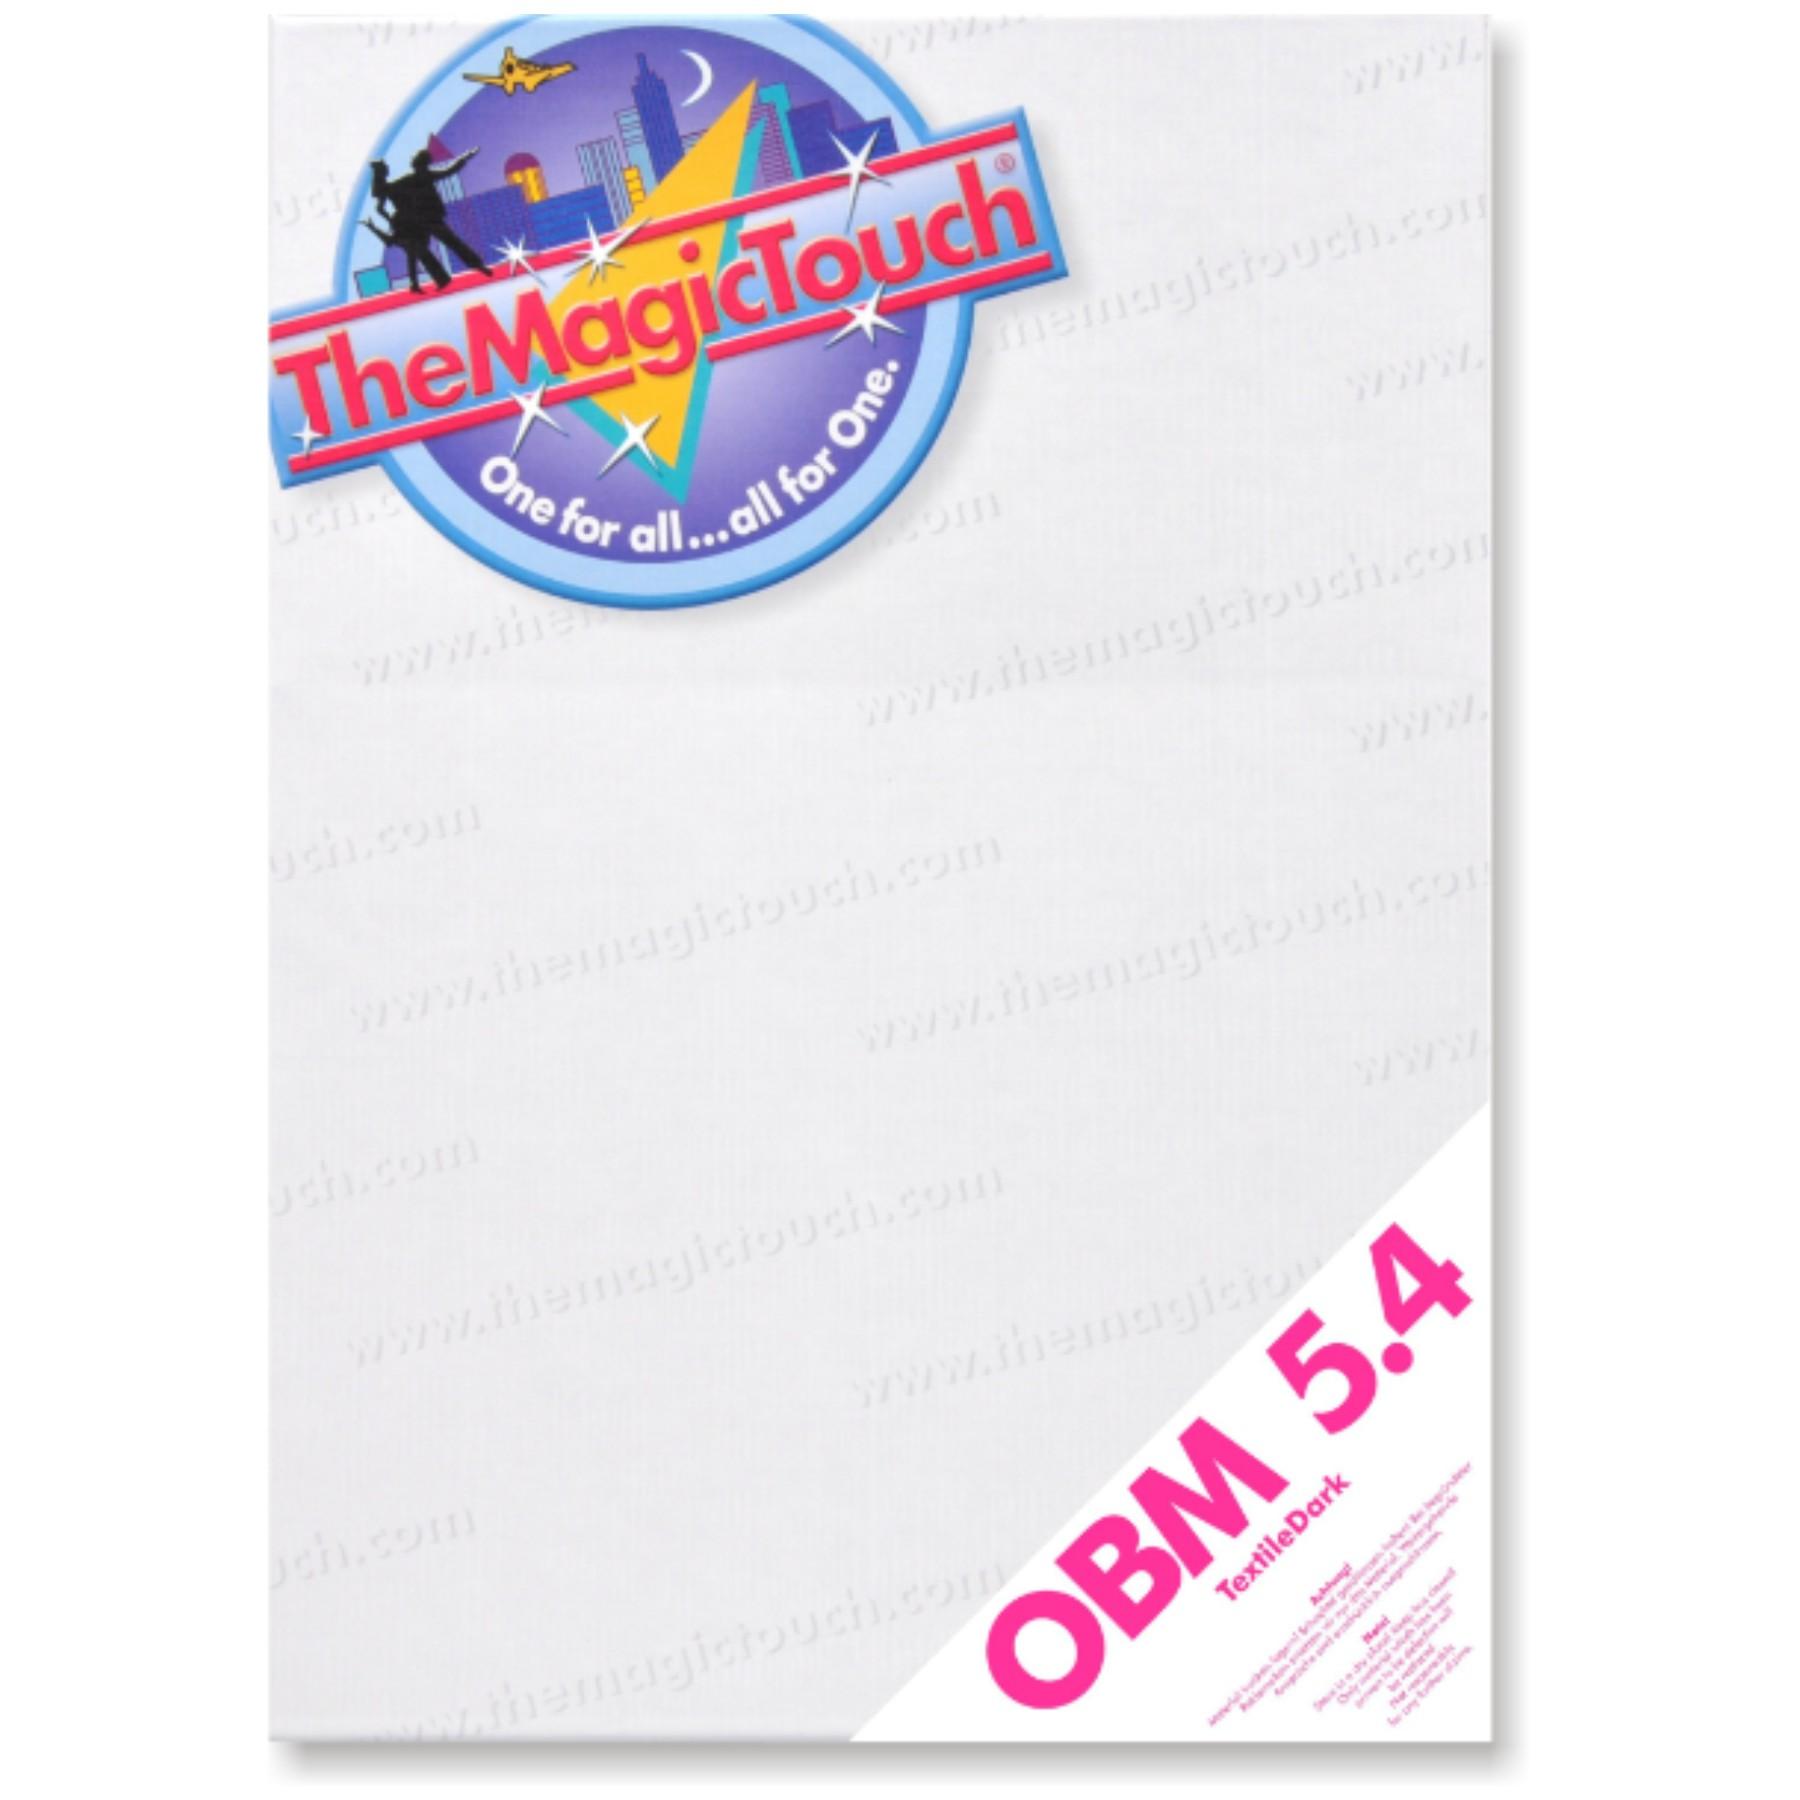 Papel transfer para telas oscuras OBM 5.4, 10 hojas A4